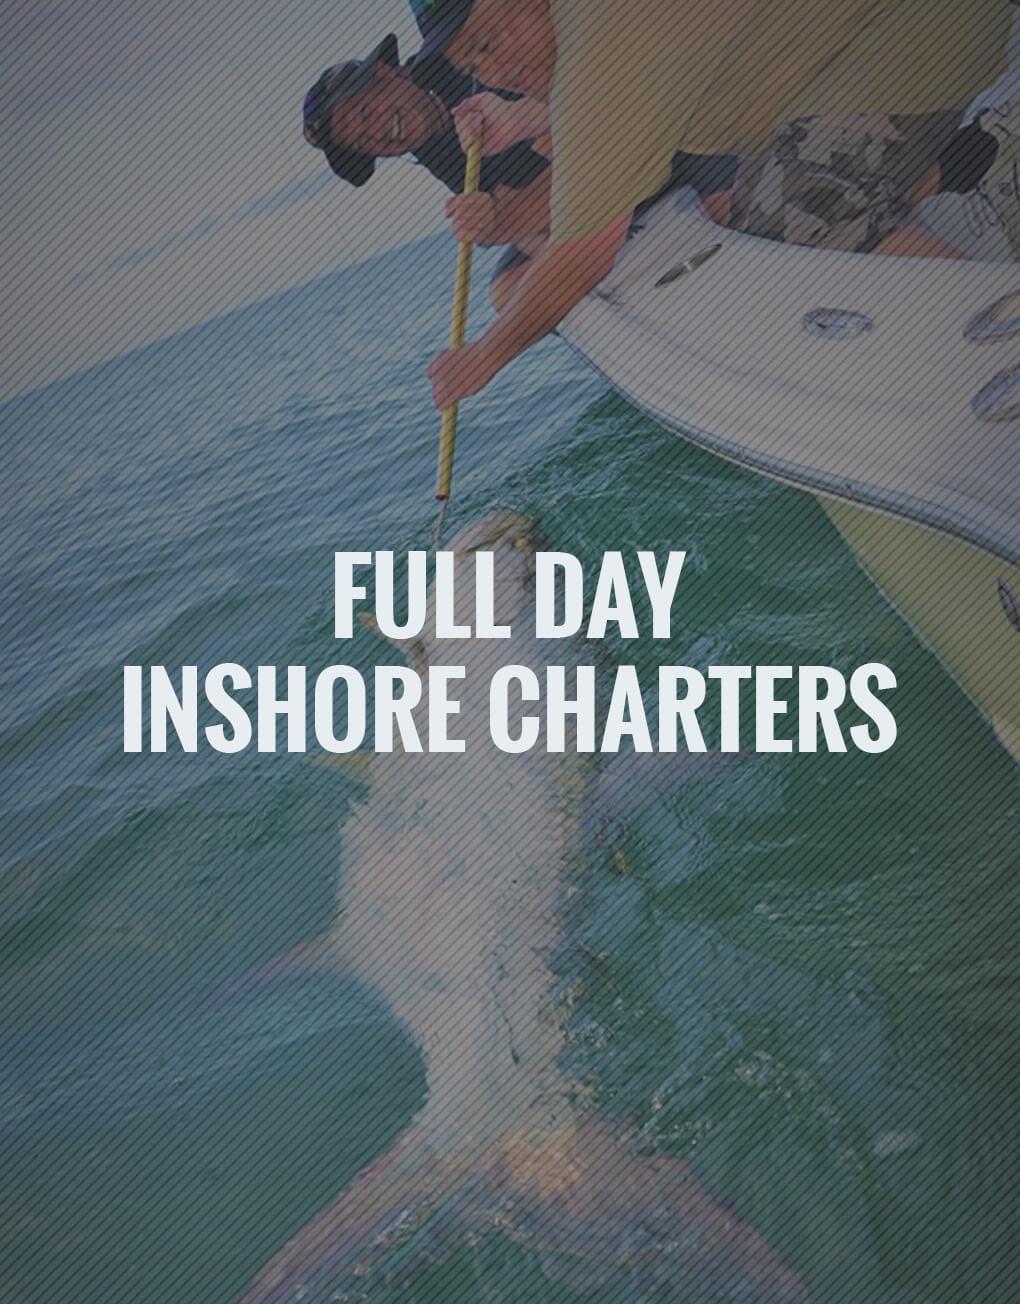 Full Day Inshore Fishing Charter Stuart, FL